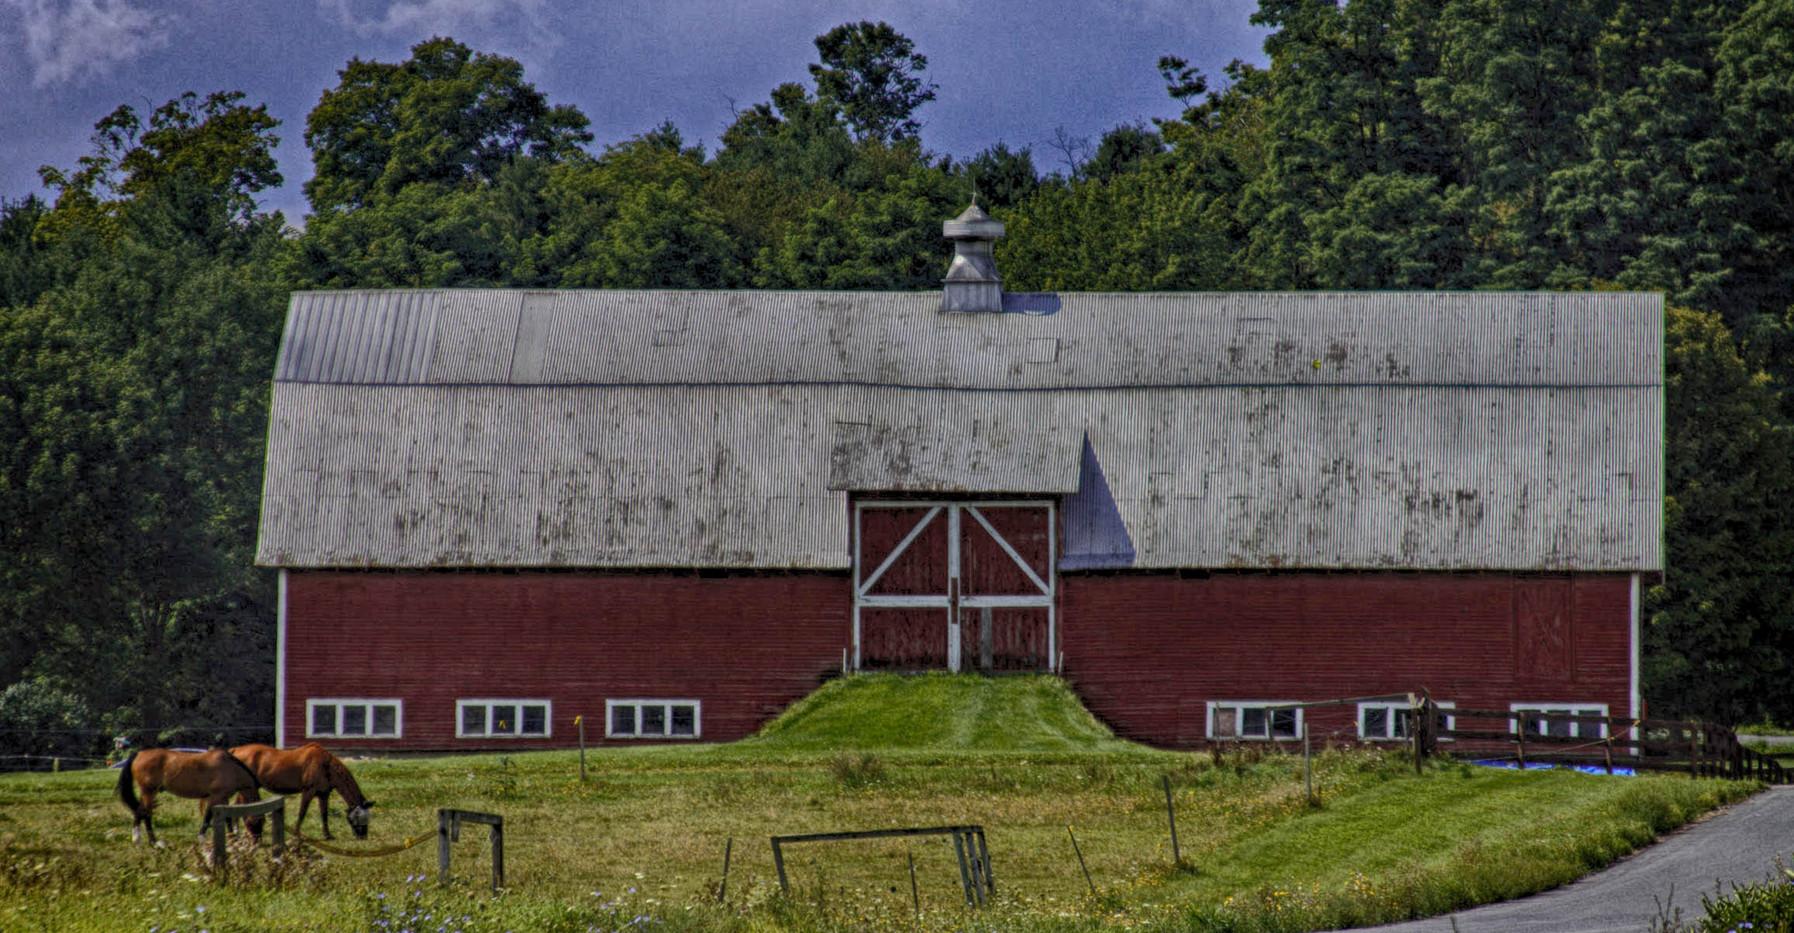 A Morgan Horse Farm